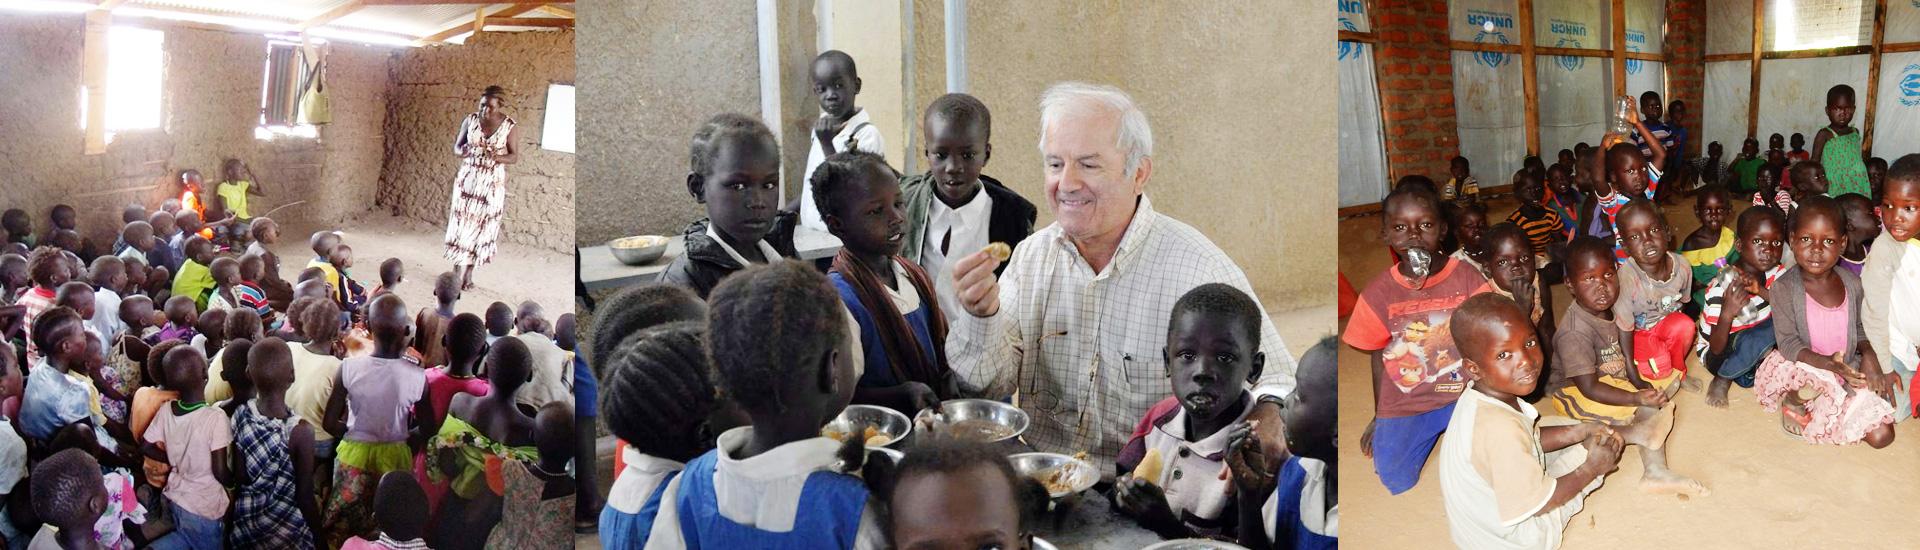 Paz y educación para los desplazados en Sudán del Sur